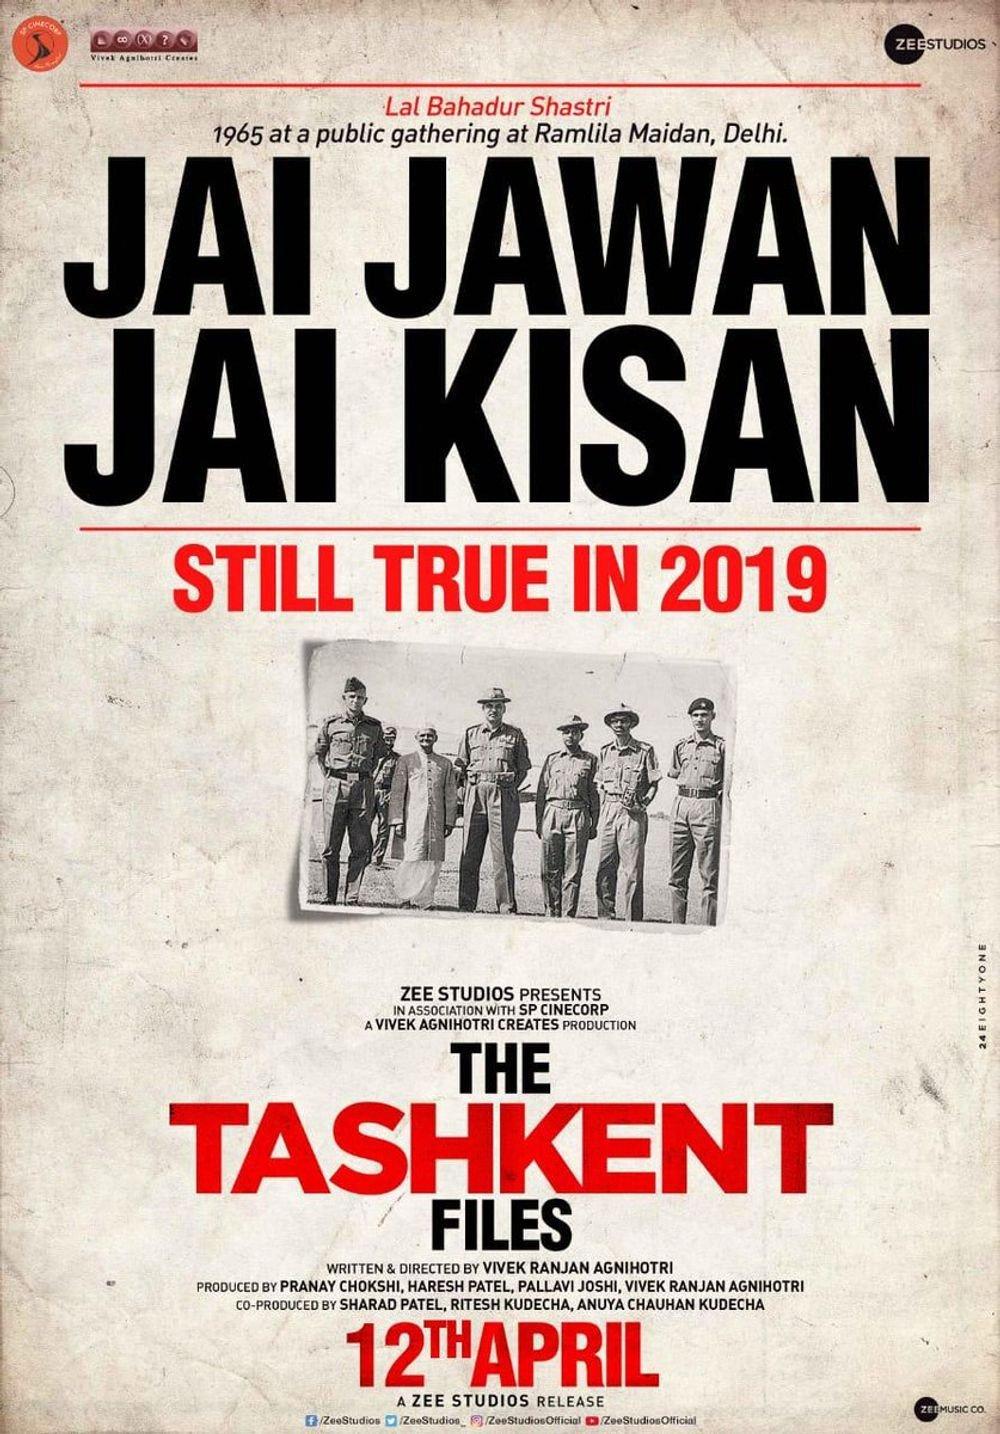 4-<p>The Tashkent Files</p>